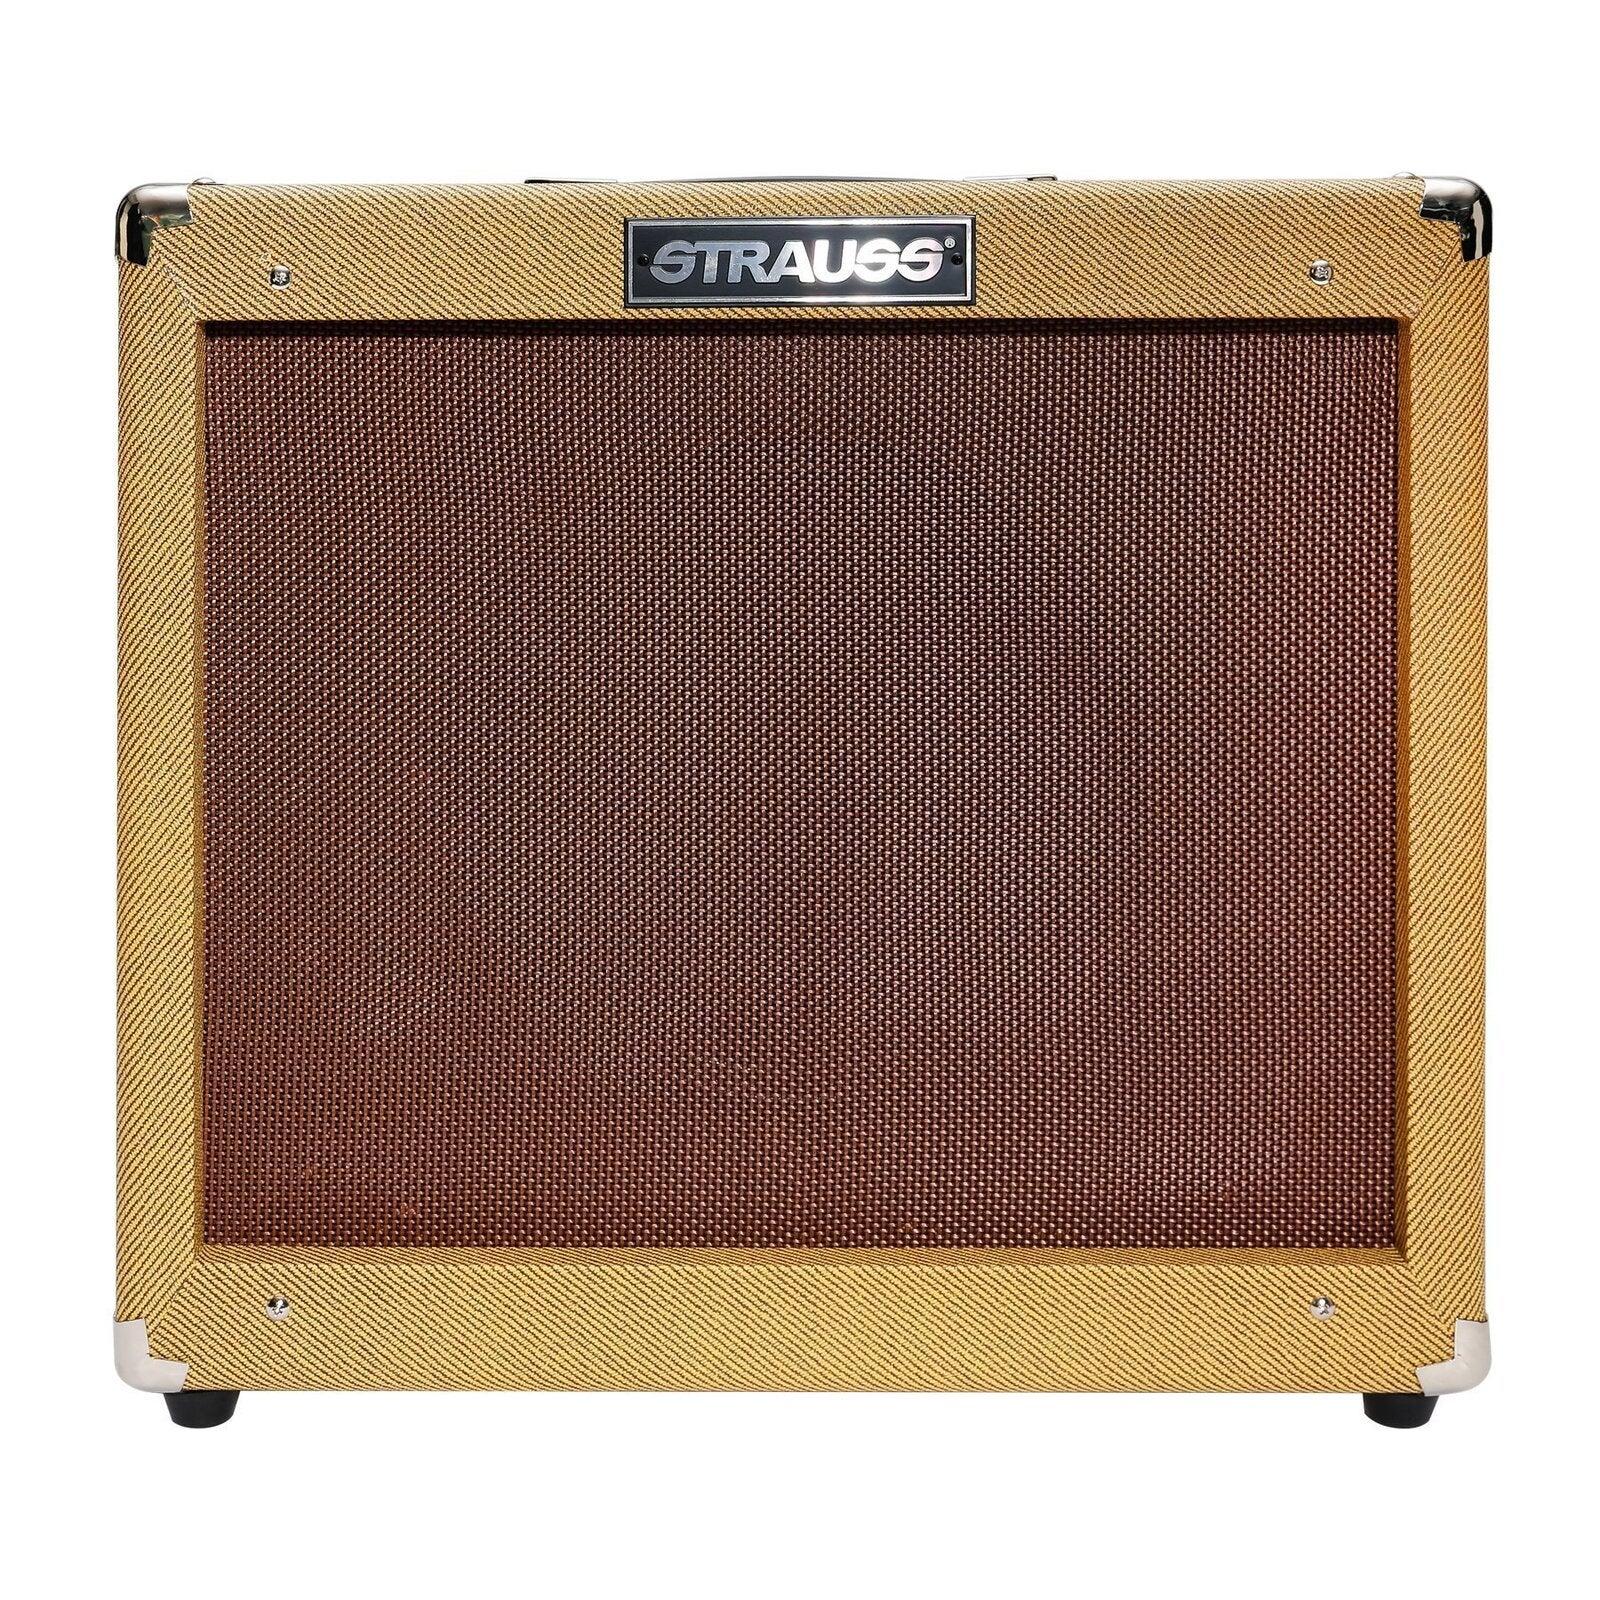 Strauss Legacy 'Vintage' 50 Watt Solid State Guitar Amplifier Combo (Tweed)